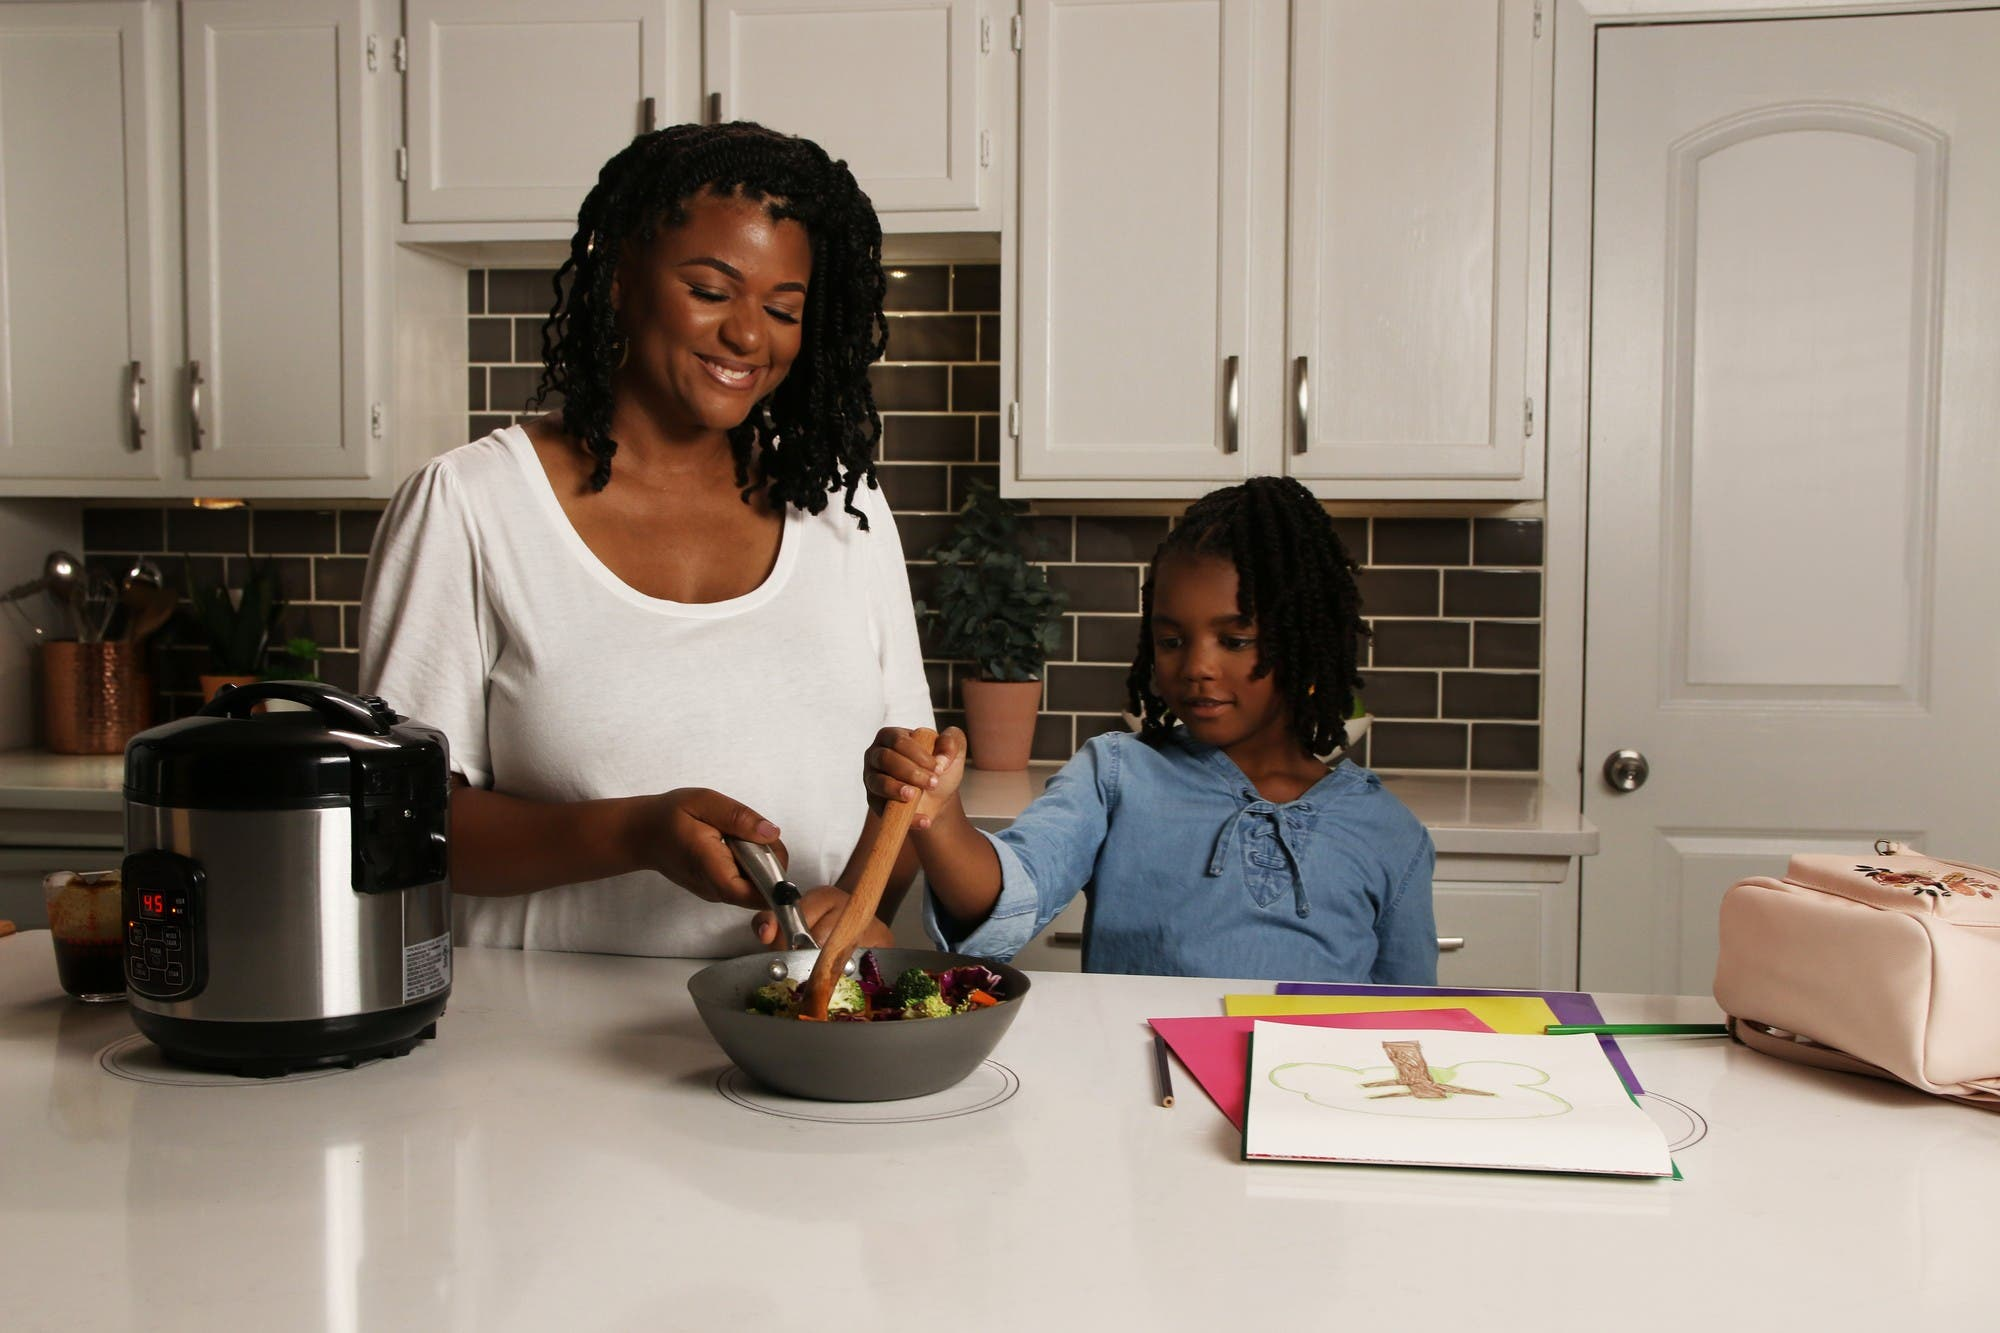 Adiós al enchufe en la cocina: los electrodomésticos del futuro tendrán carga inalámbrica